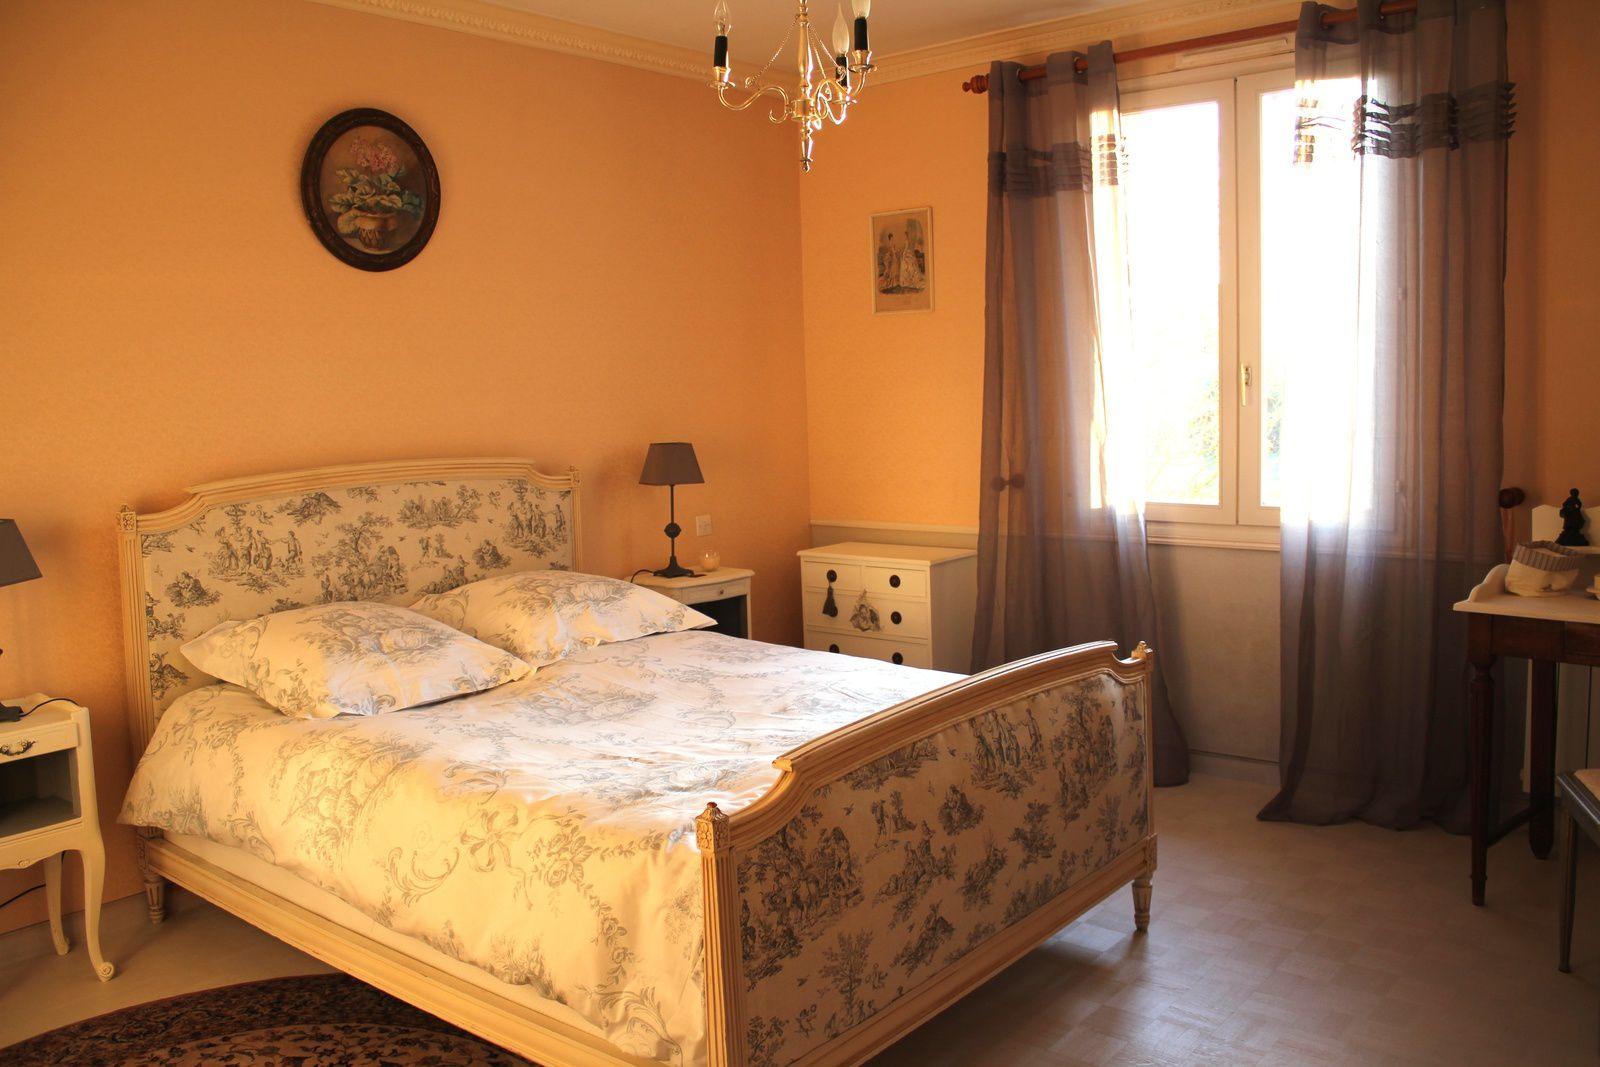 capitonnage refait pour lit cosy bricolage et patines. Black Bedroom Furniture Sets. Home Design Ideas